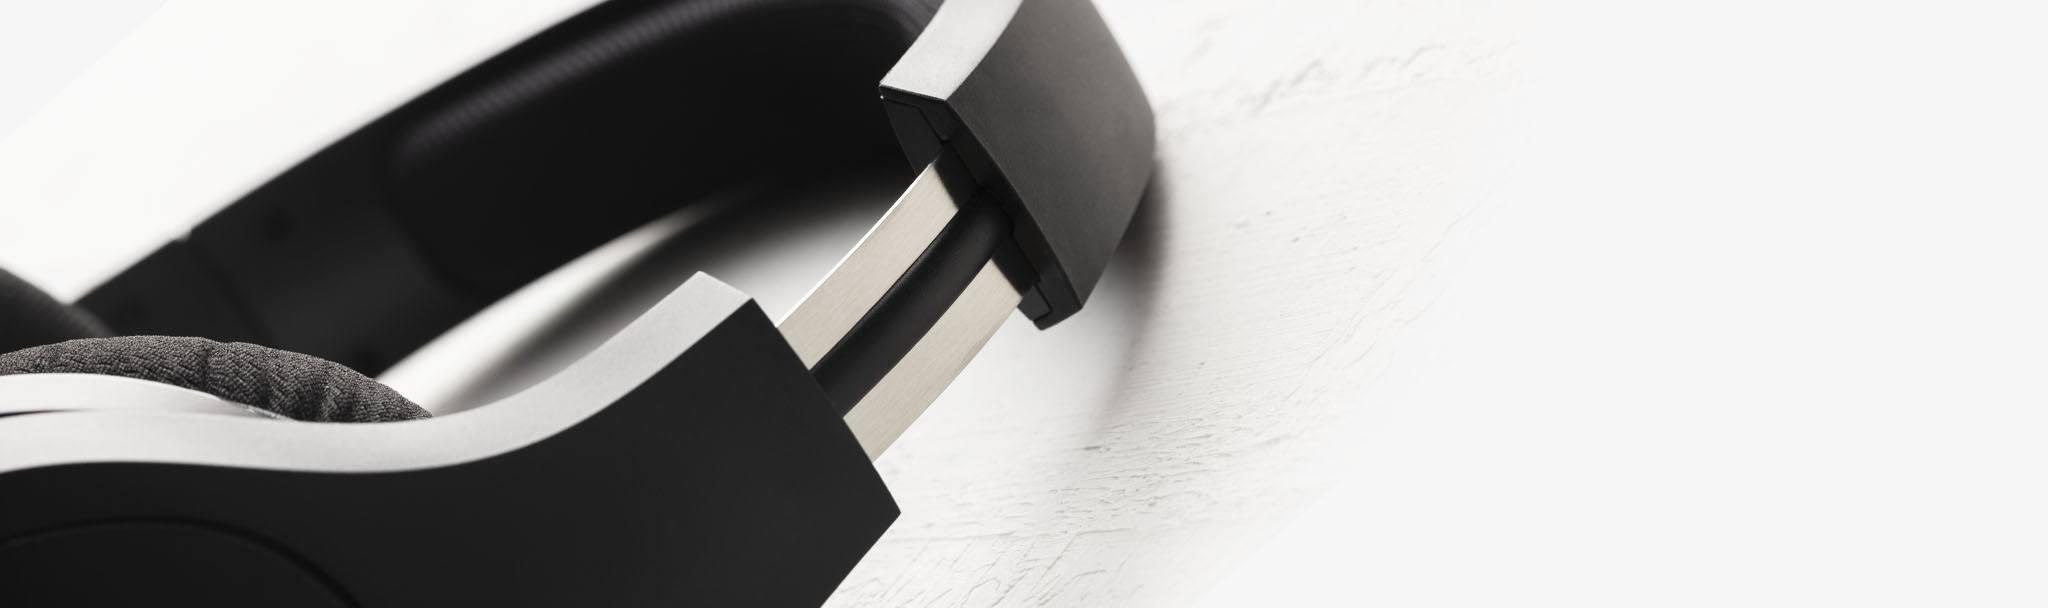 thanh trượt của Tai nghe Kingston HyperX CLOUD STINGER CORE 7.1 Black - HHSS1C-AA-BK/G có  thể điều chỉnh dễ dàng